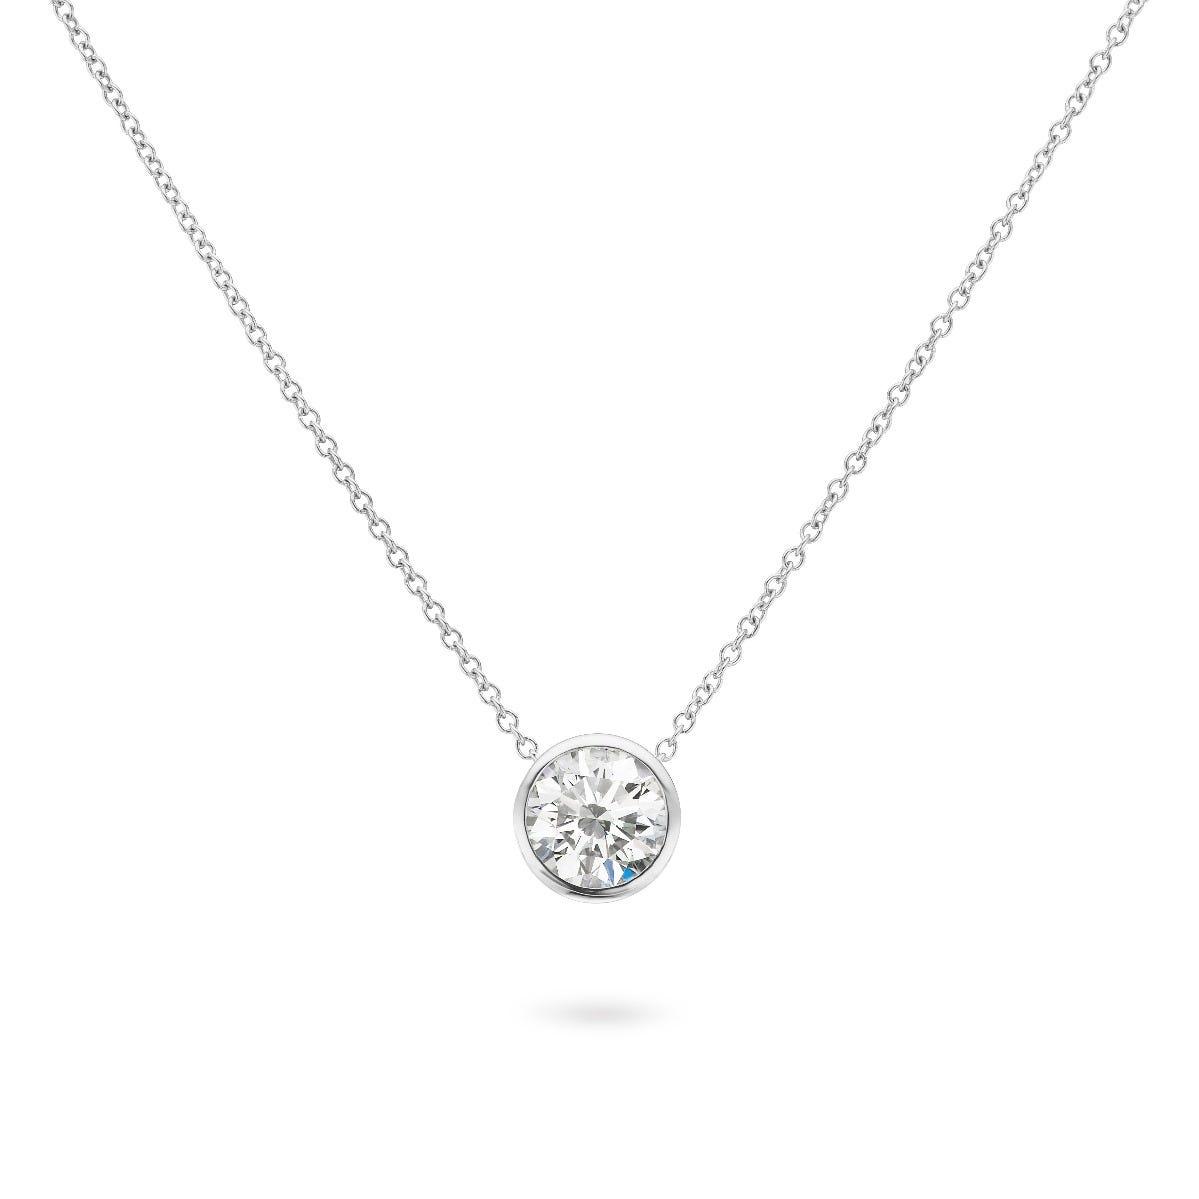 Lab Grown 7/8ct. Diamond Bezel Set Pendant in 14k White Gold